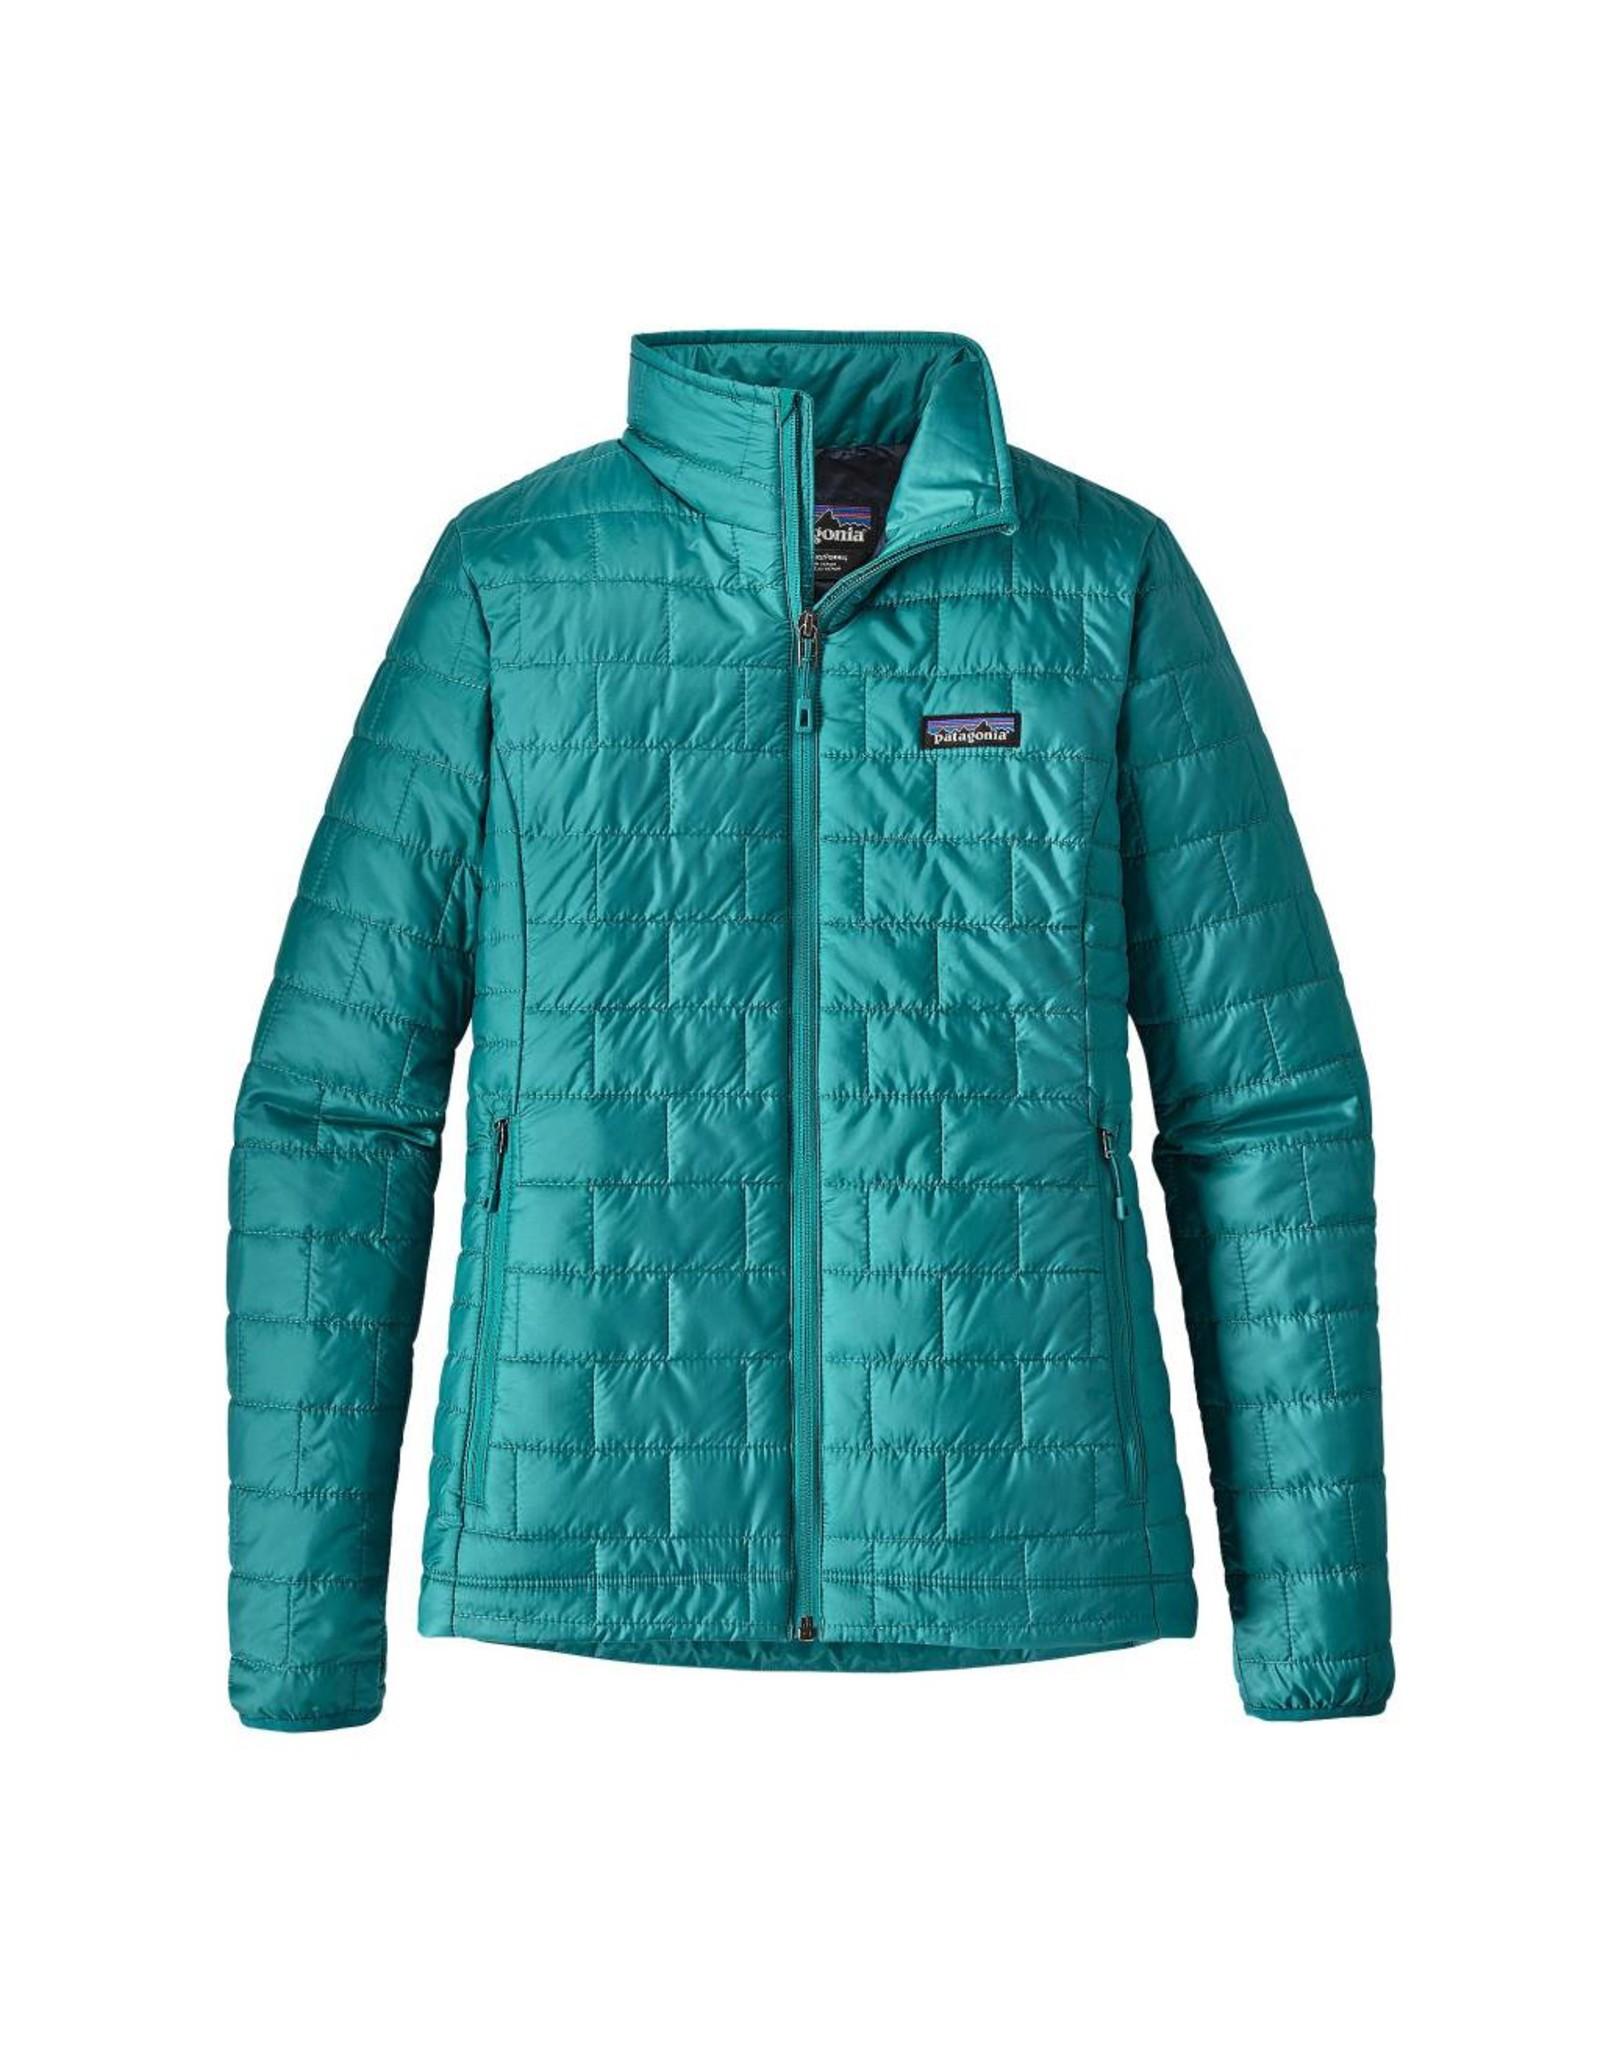 Patagonia Patagonia Nano Puff Women's Jacket